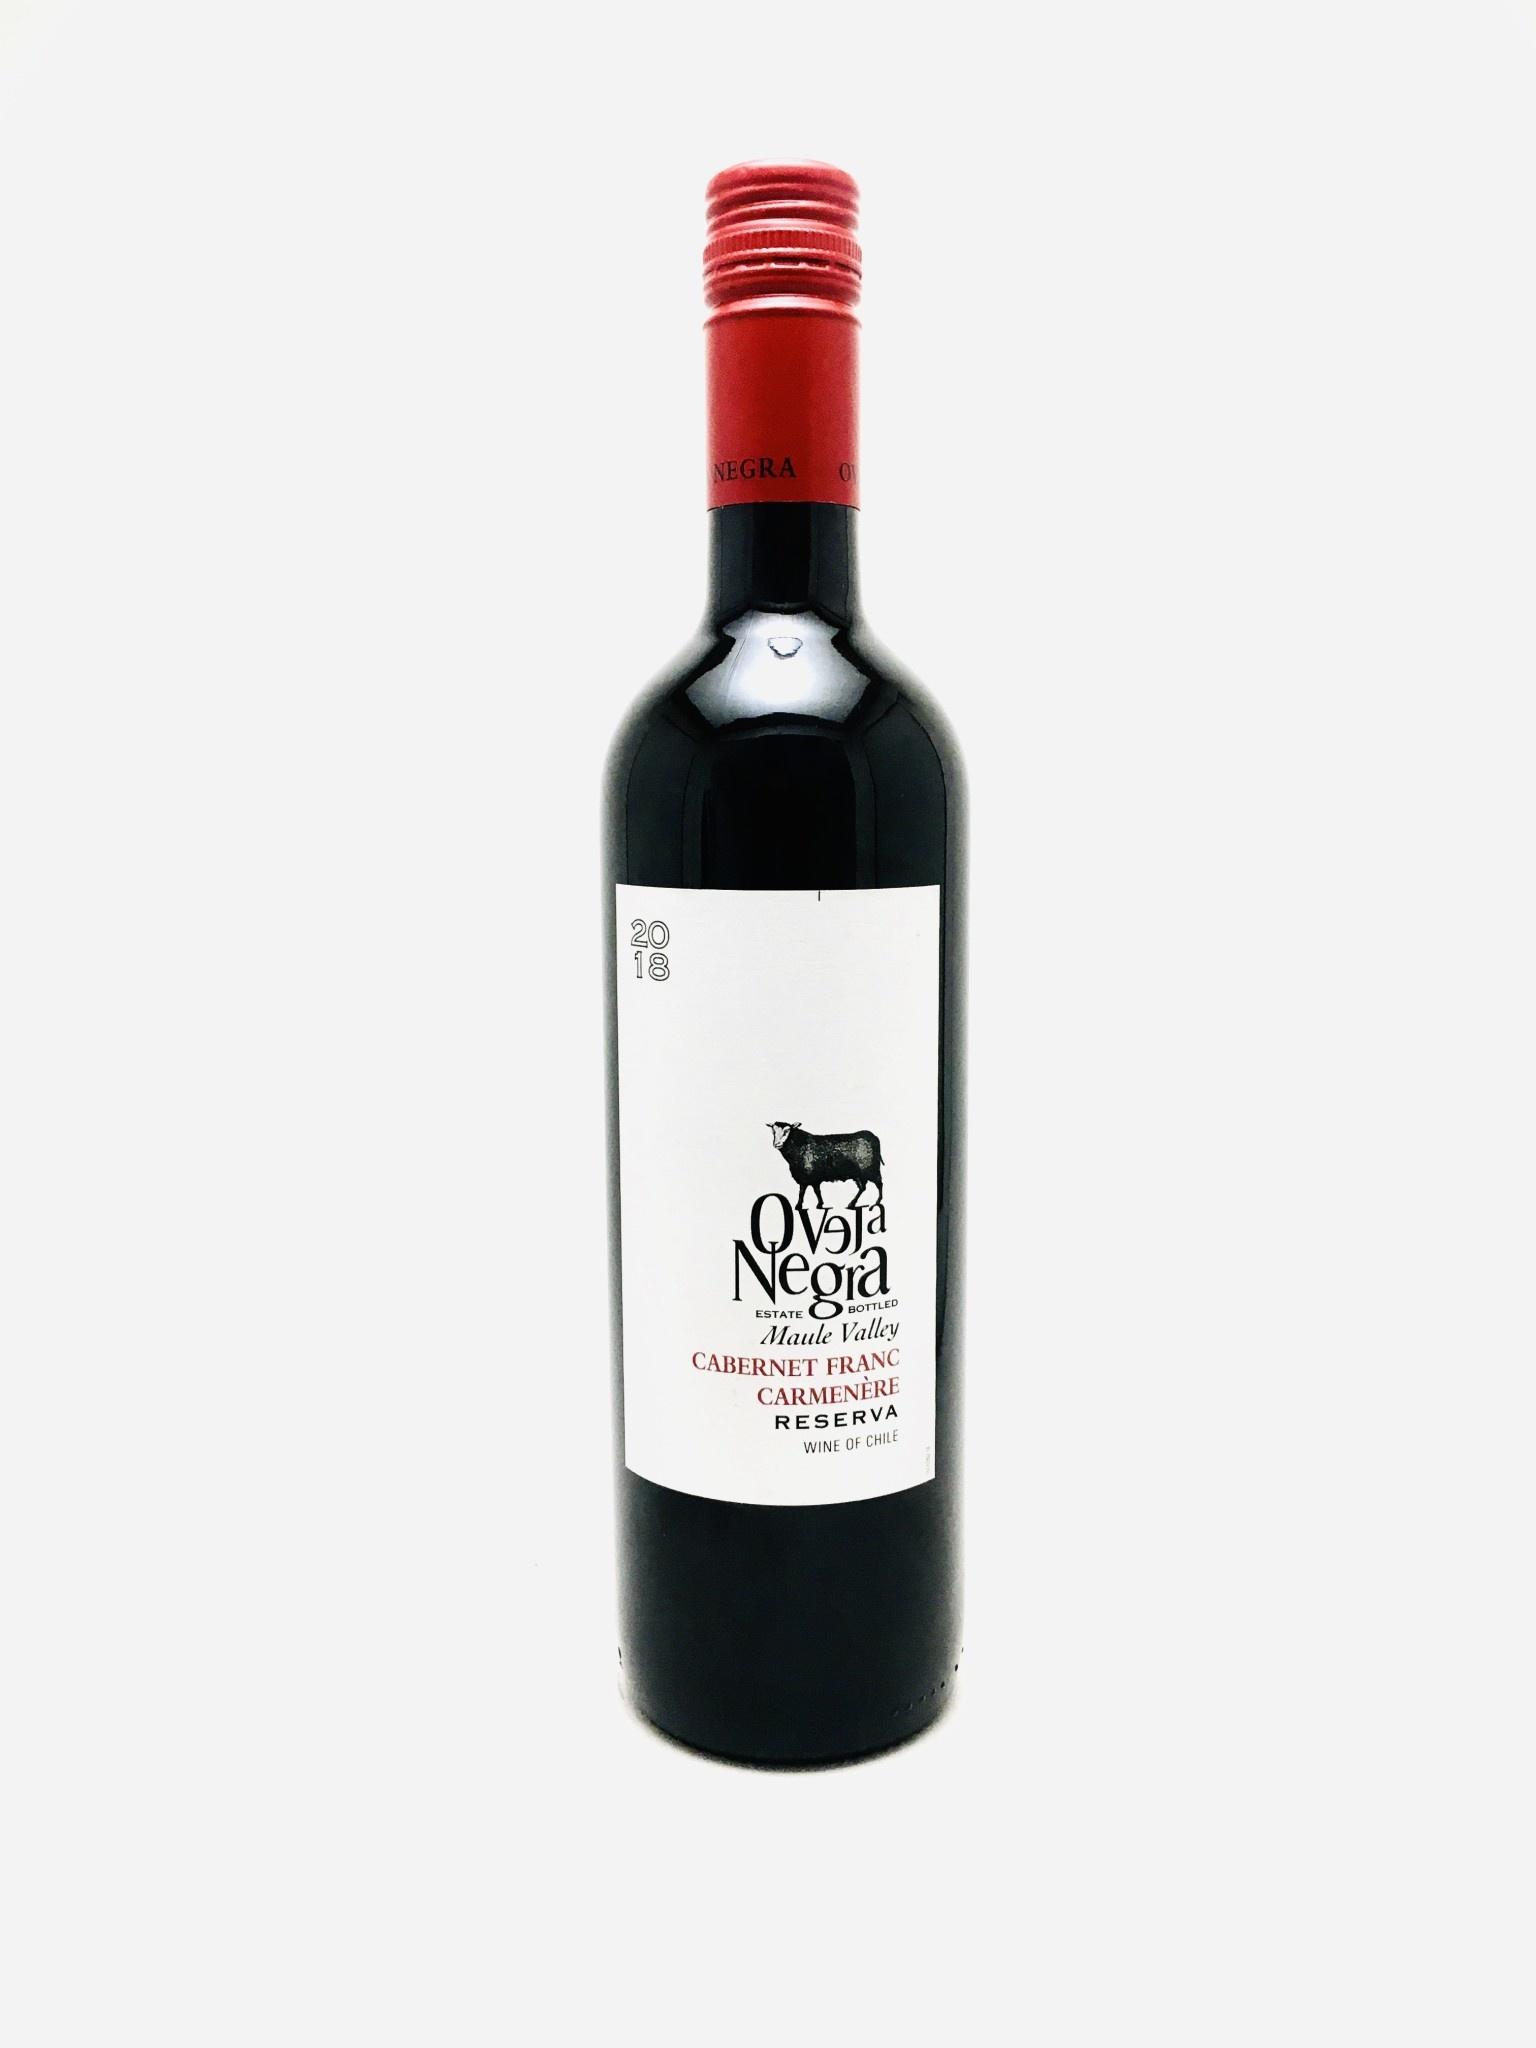 Oveja Negra Cabernet Franc Carmenere Reserva Estate Bottled Valle del Maule Chile 2018